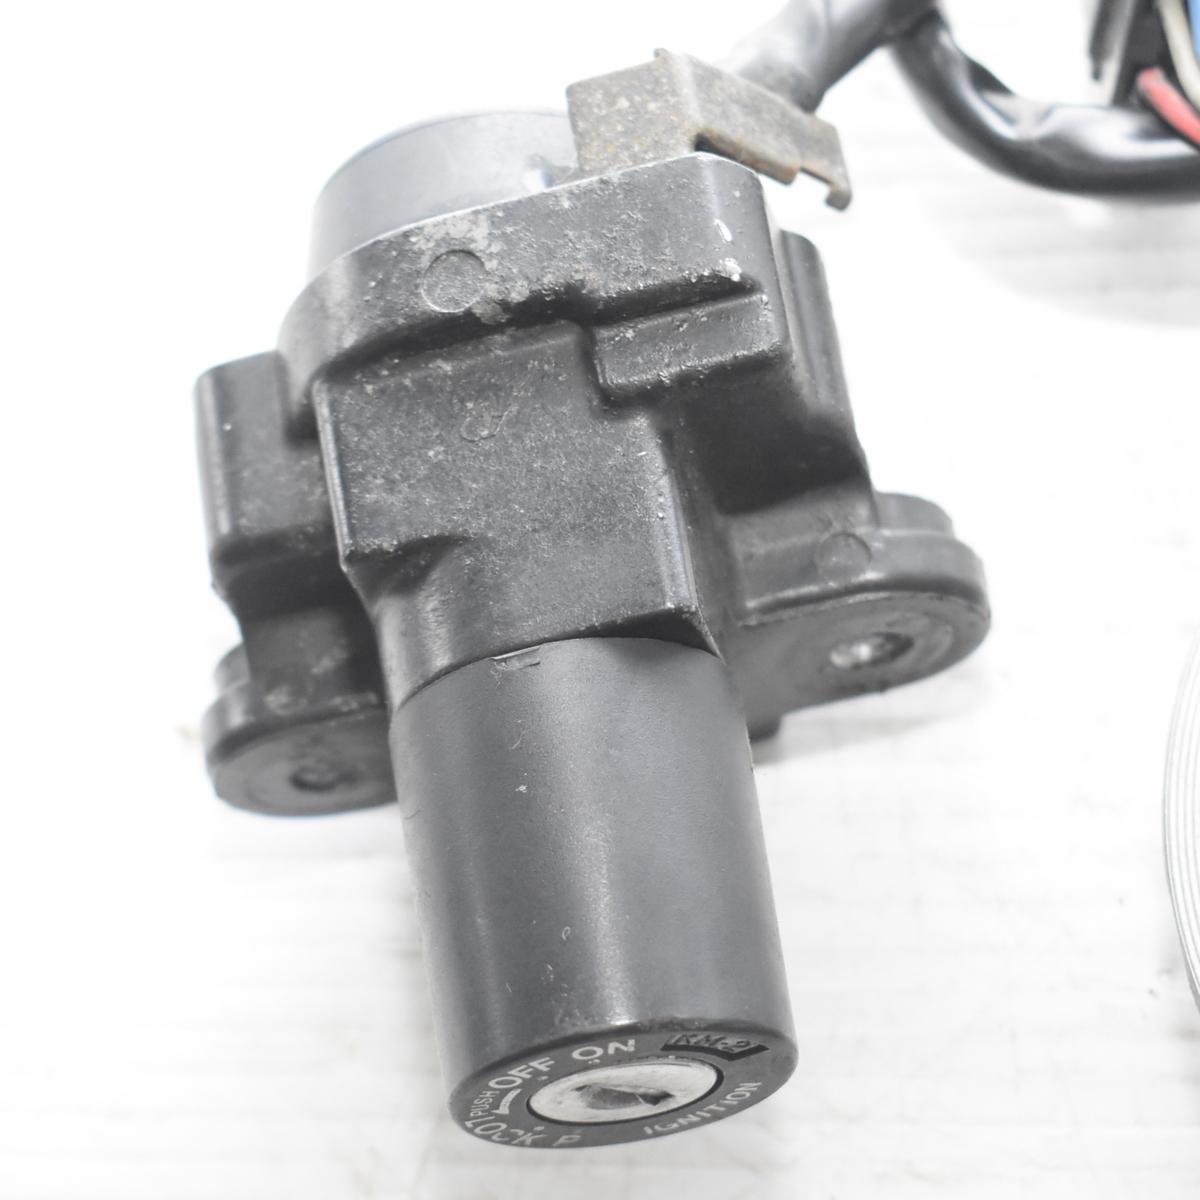 ドゥカティ SS900 ZDM1LC メインキー タンクキャップ シートロック 共通キーセット 【A】ASV_画像5